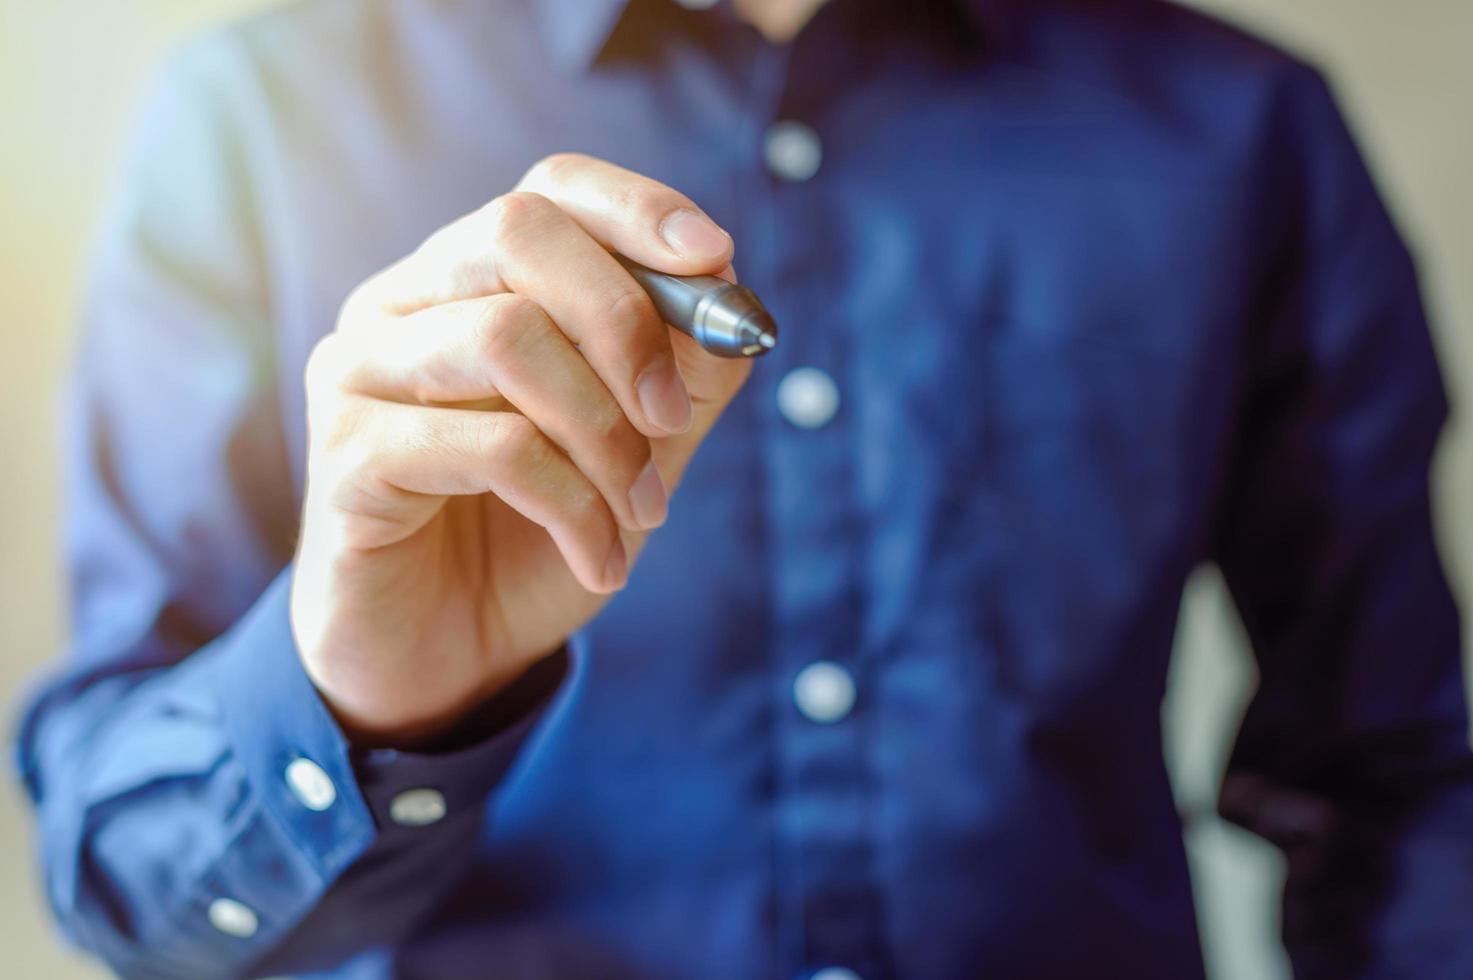 Businessman uses a pen photo